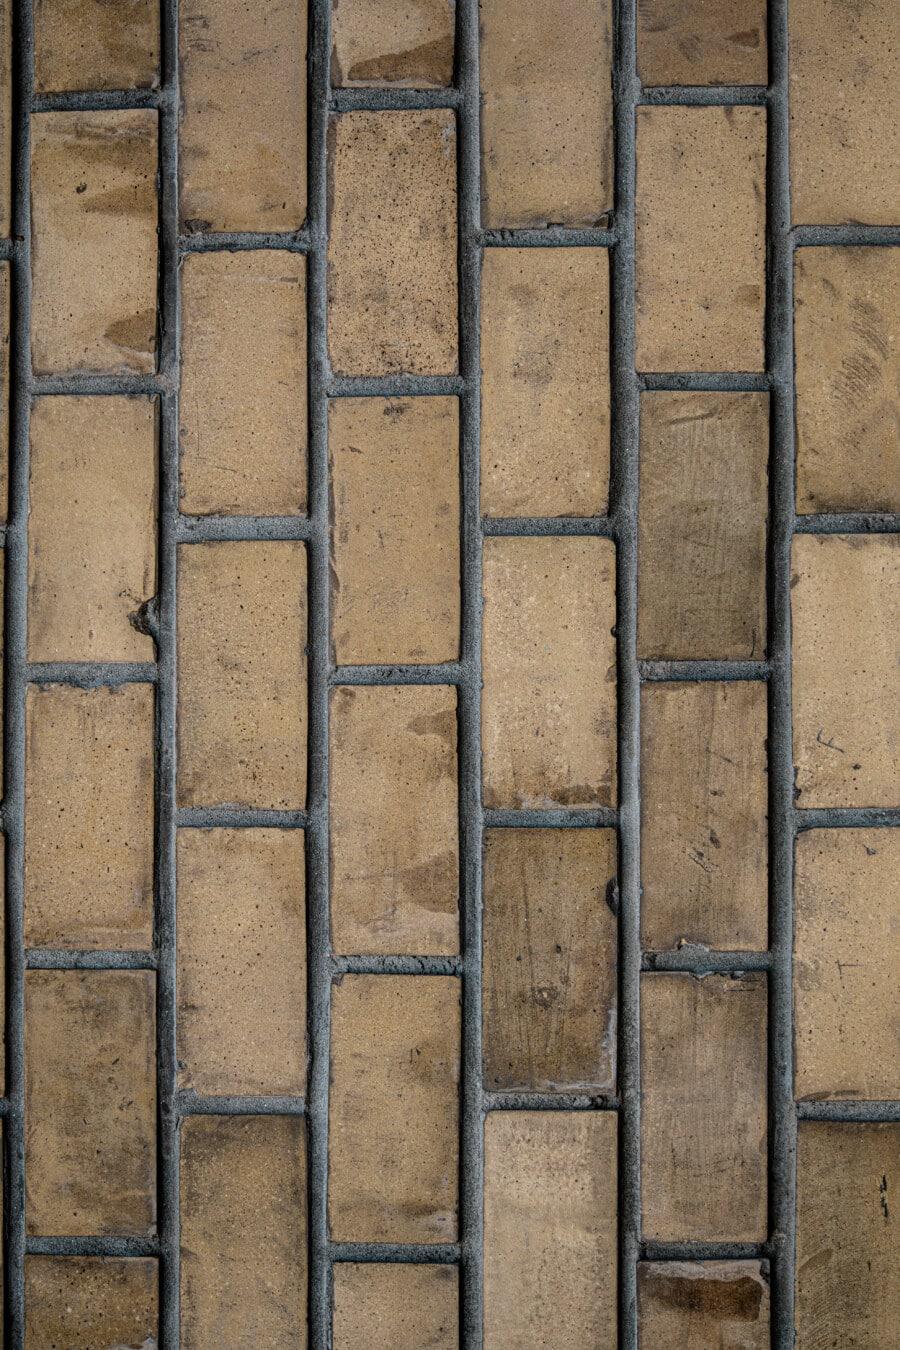 Textil, Muster, Jahrgang, vertikale, Wand, Ziegel, gewöhnliche, Mauerwerk, Ziegel, solide